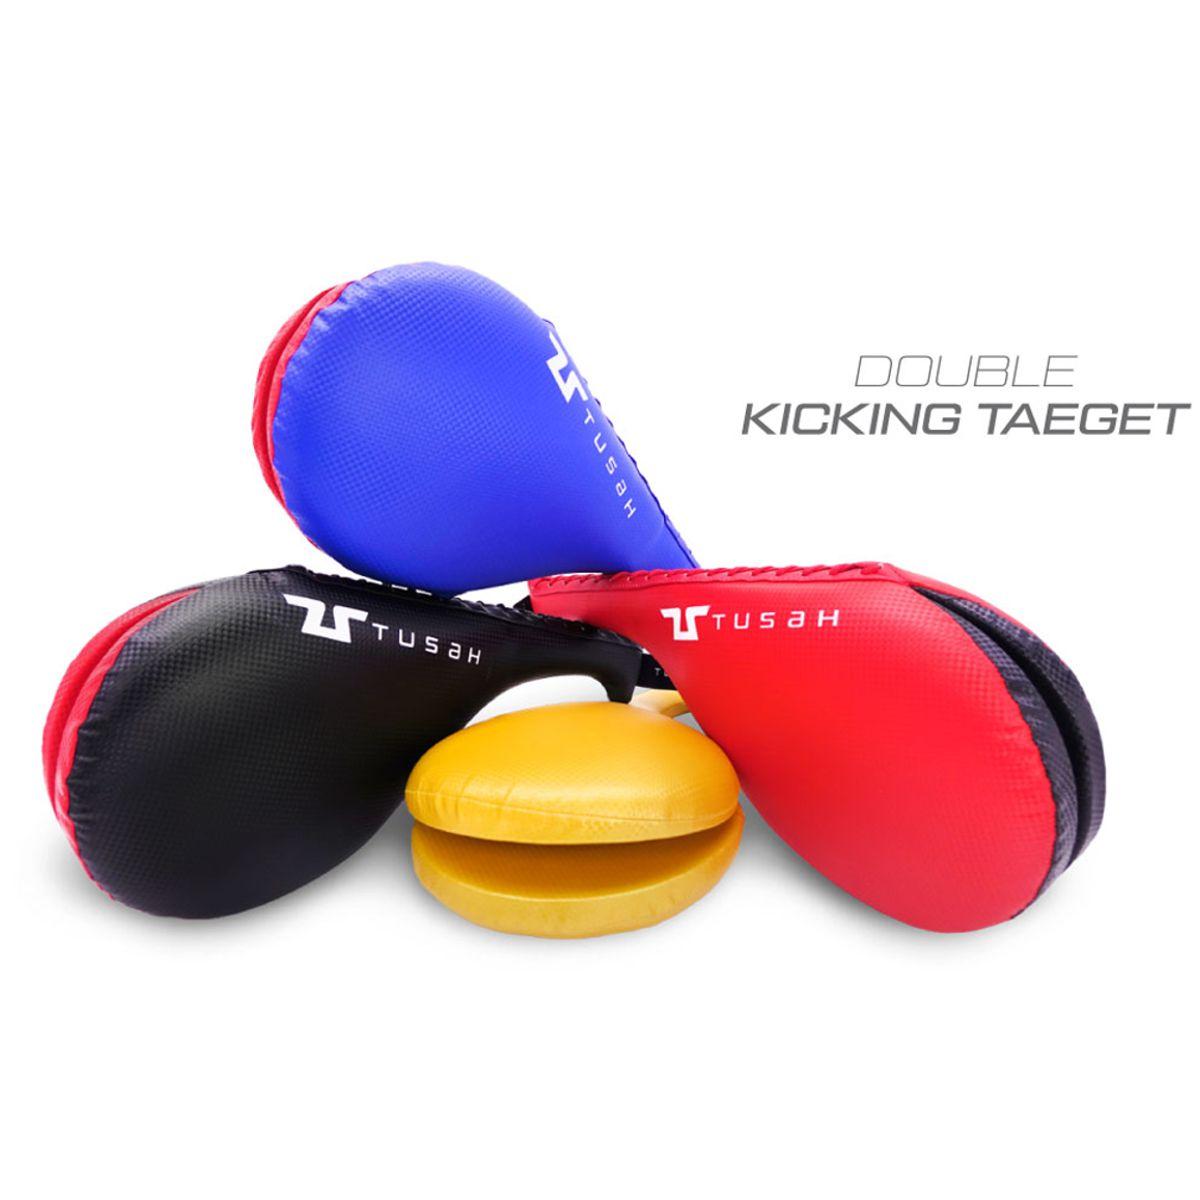 Tusah Double Kick Target